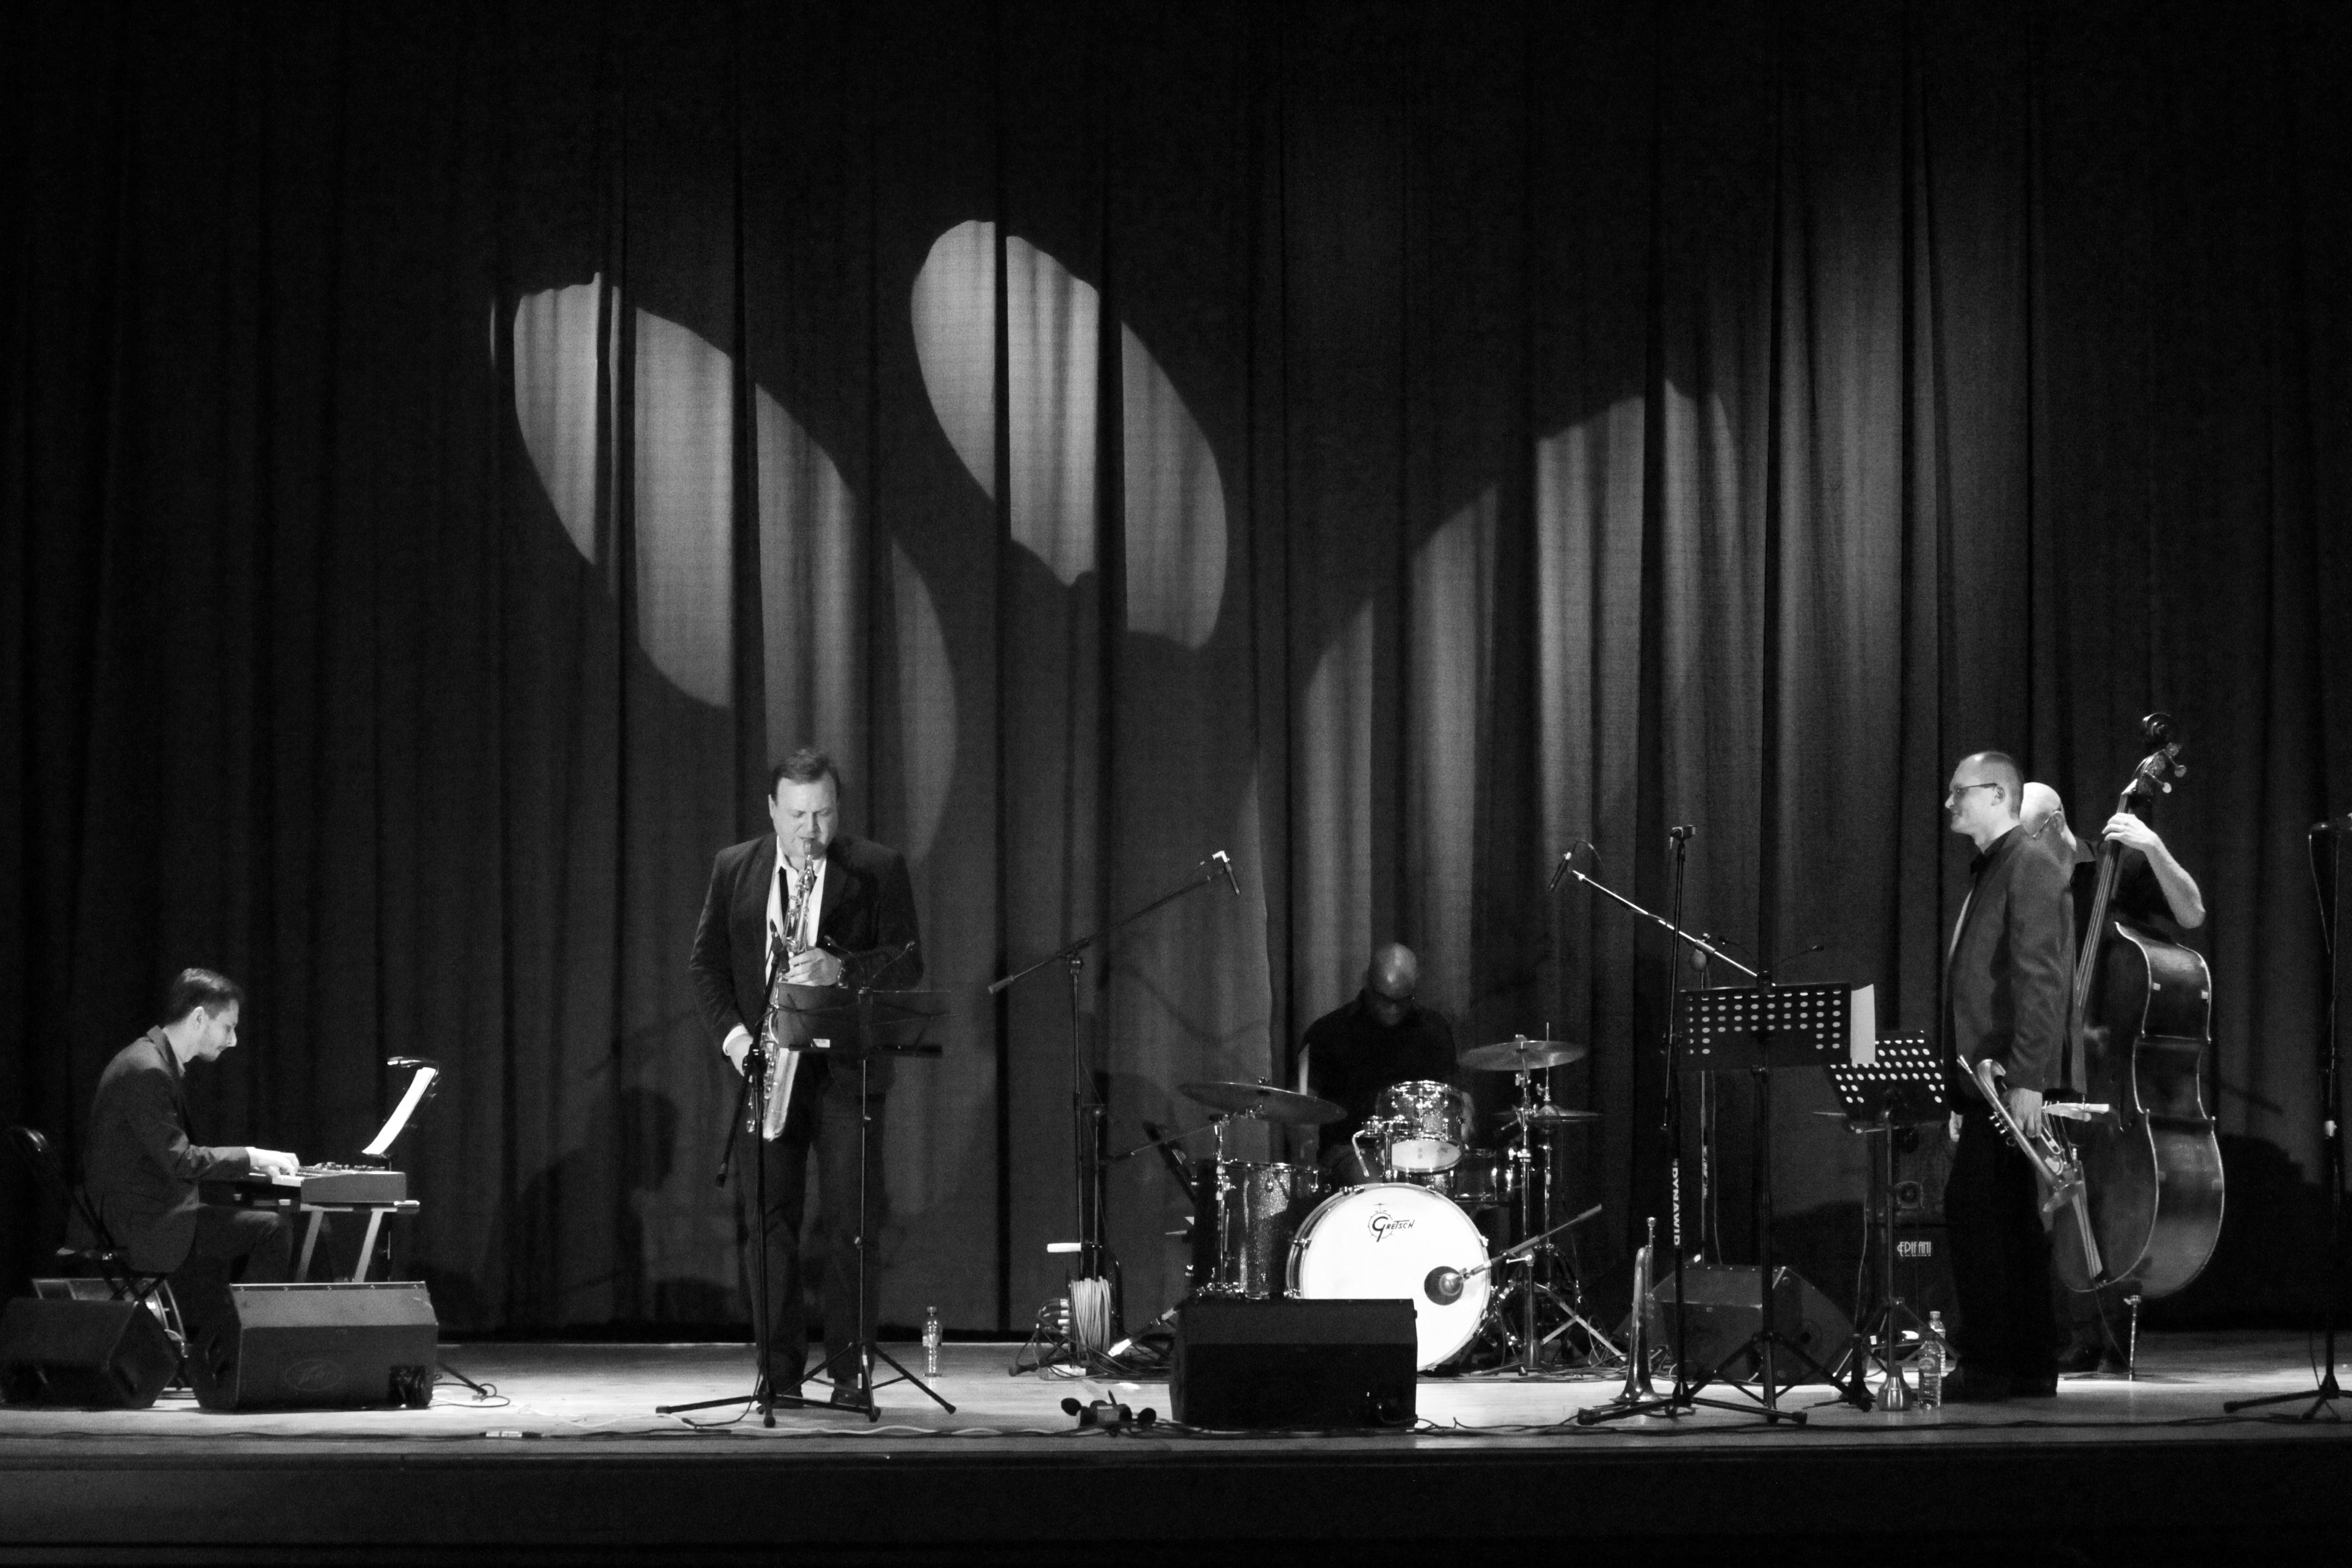 Koncert jazzowy w eMCeKu. Krzemiński Reunion Project.